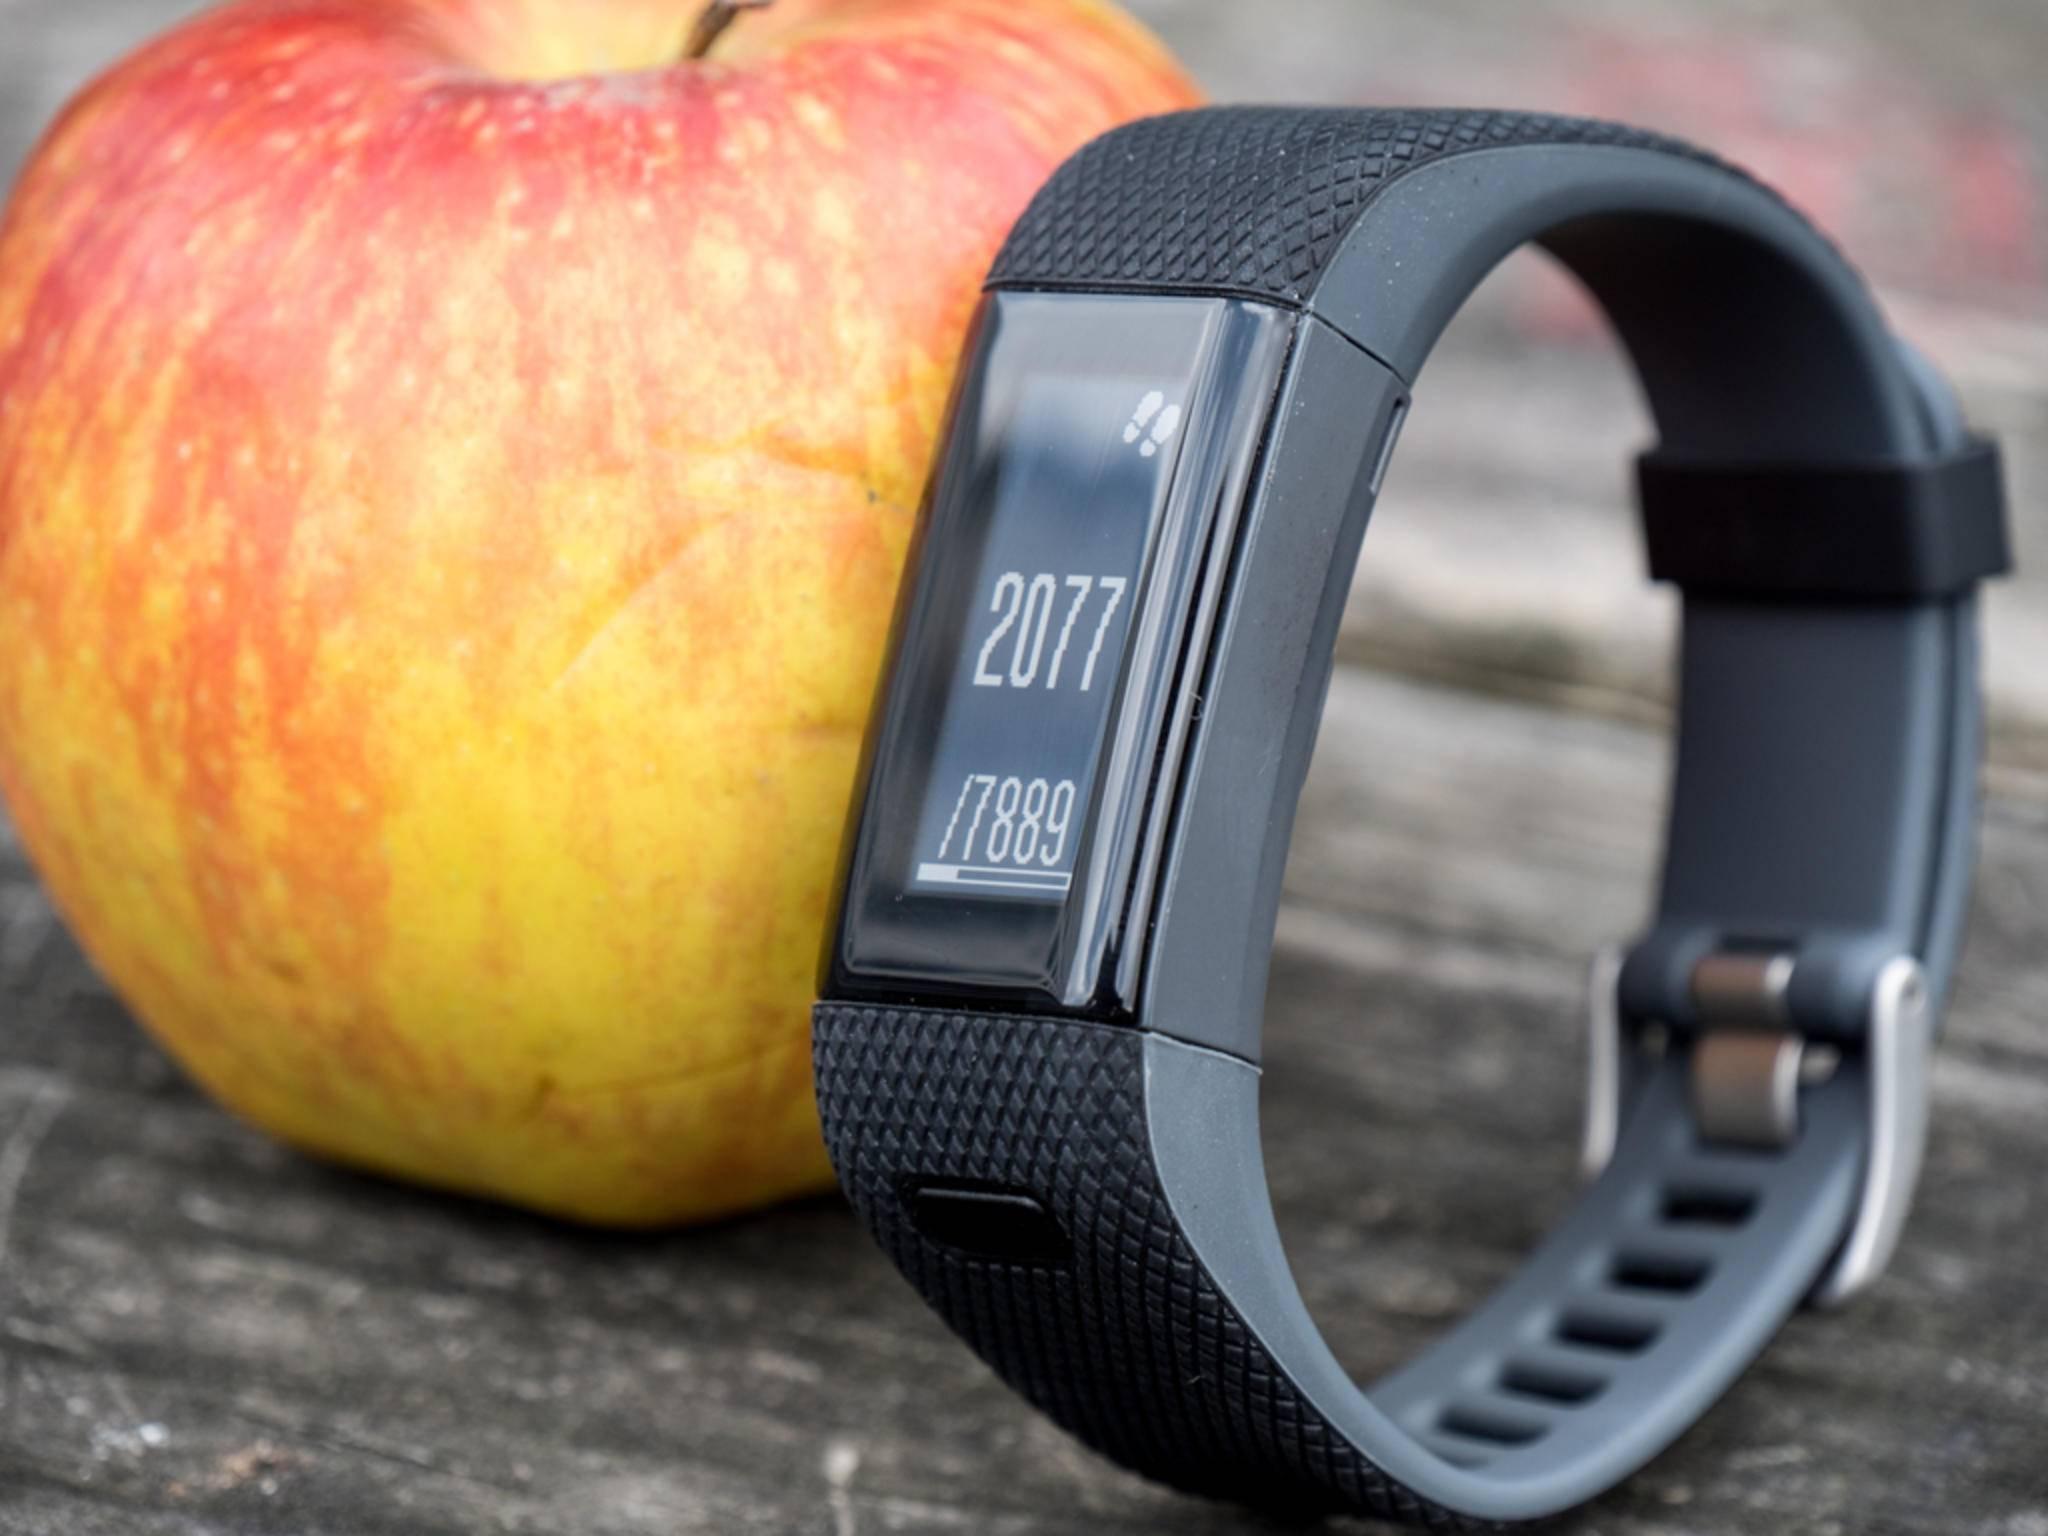 Fitness-Tracker sind erst der Anfang. Wissenschaftler arbeiten an wesentlich genaueren Methode, um die Gesundheit von Wearabale-Trägern zu tracken.